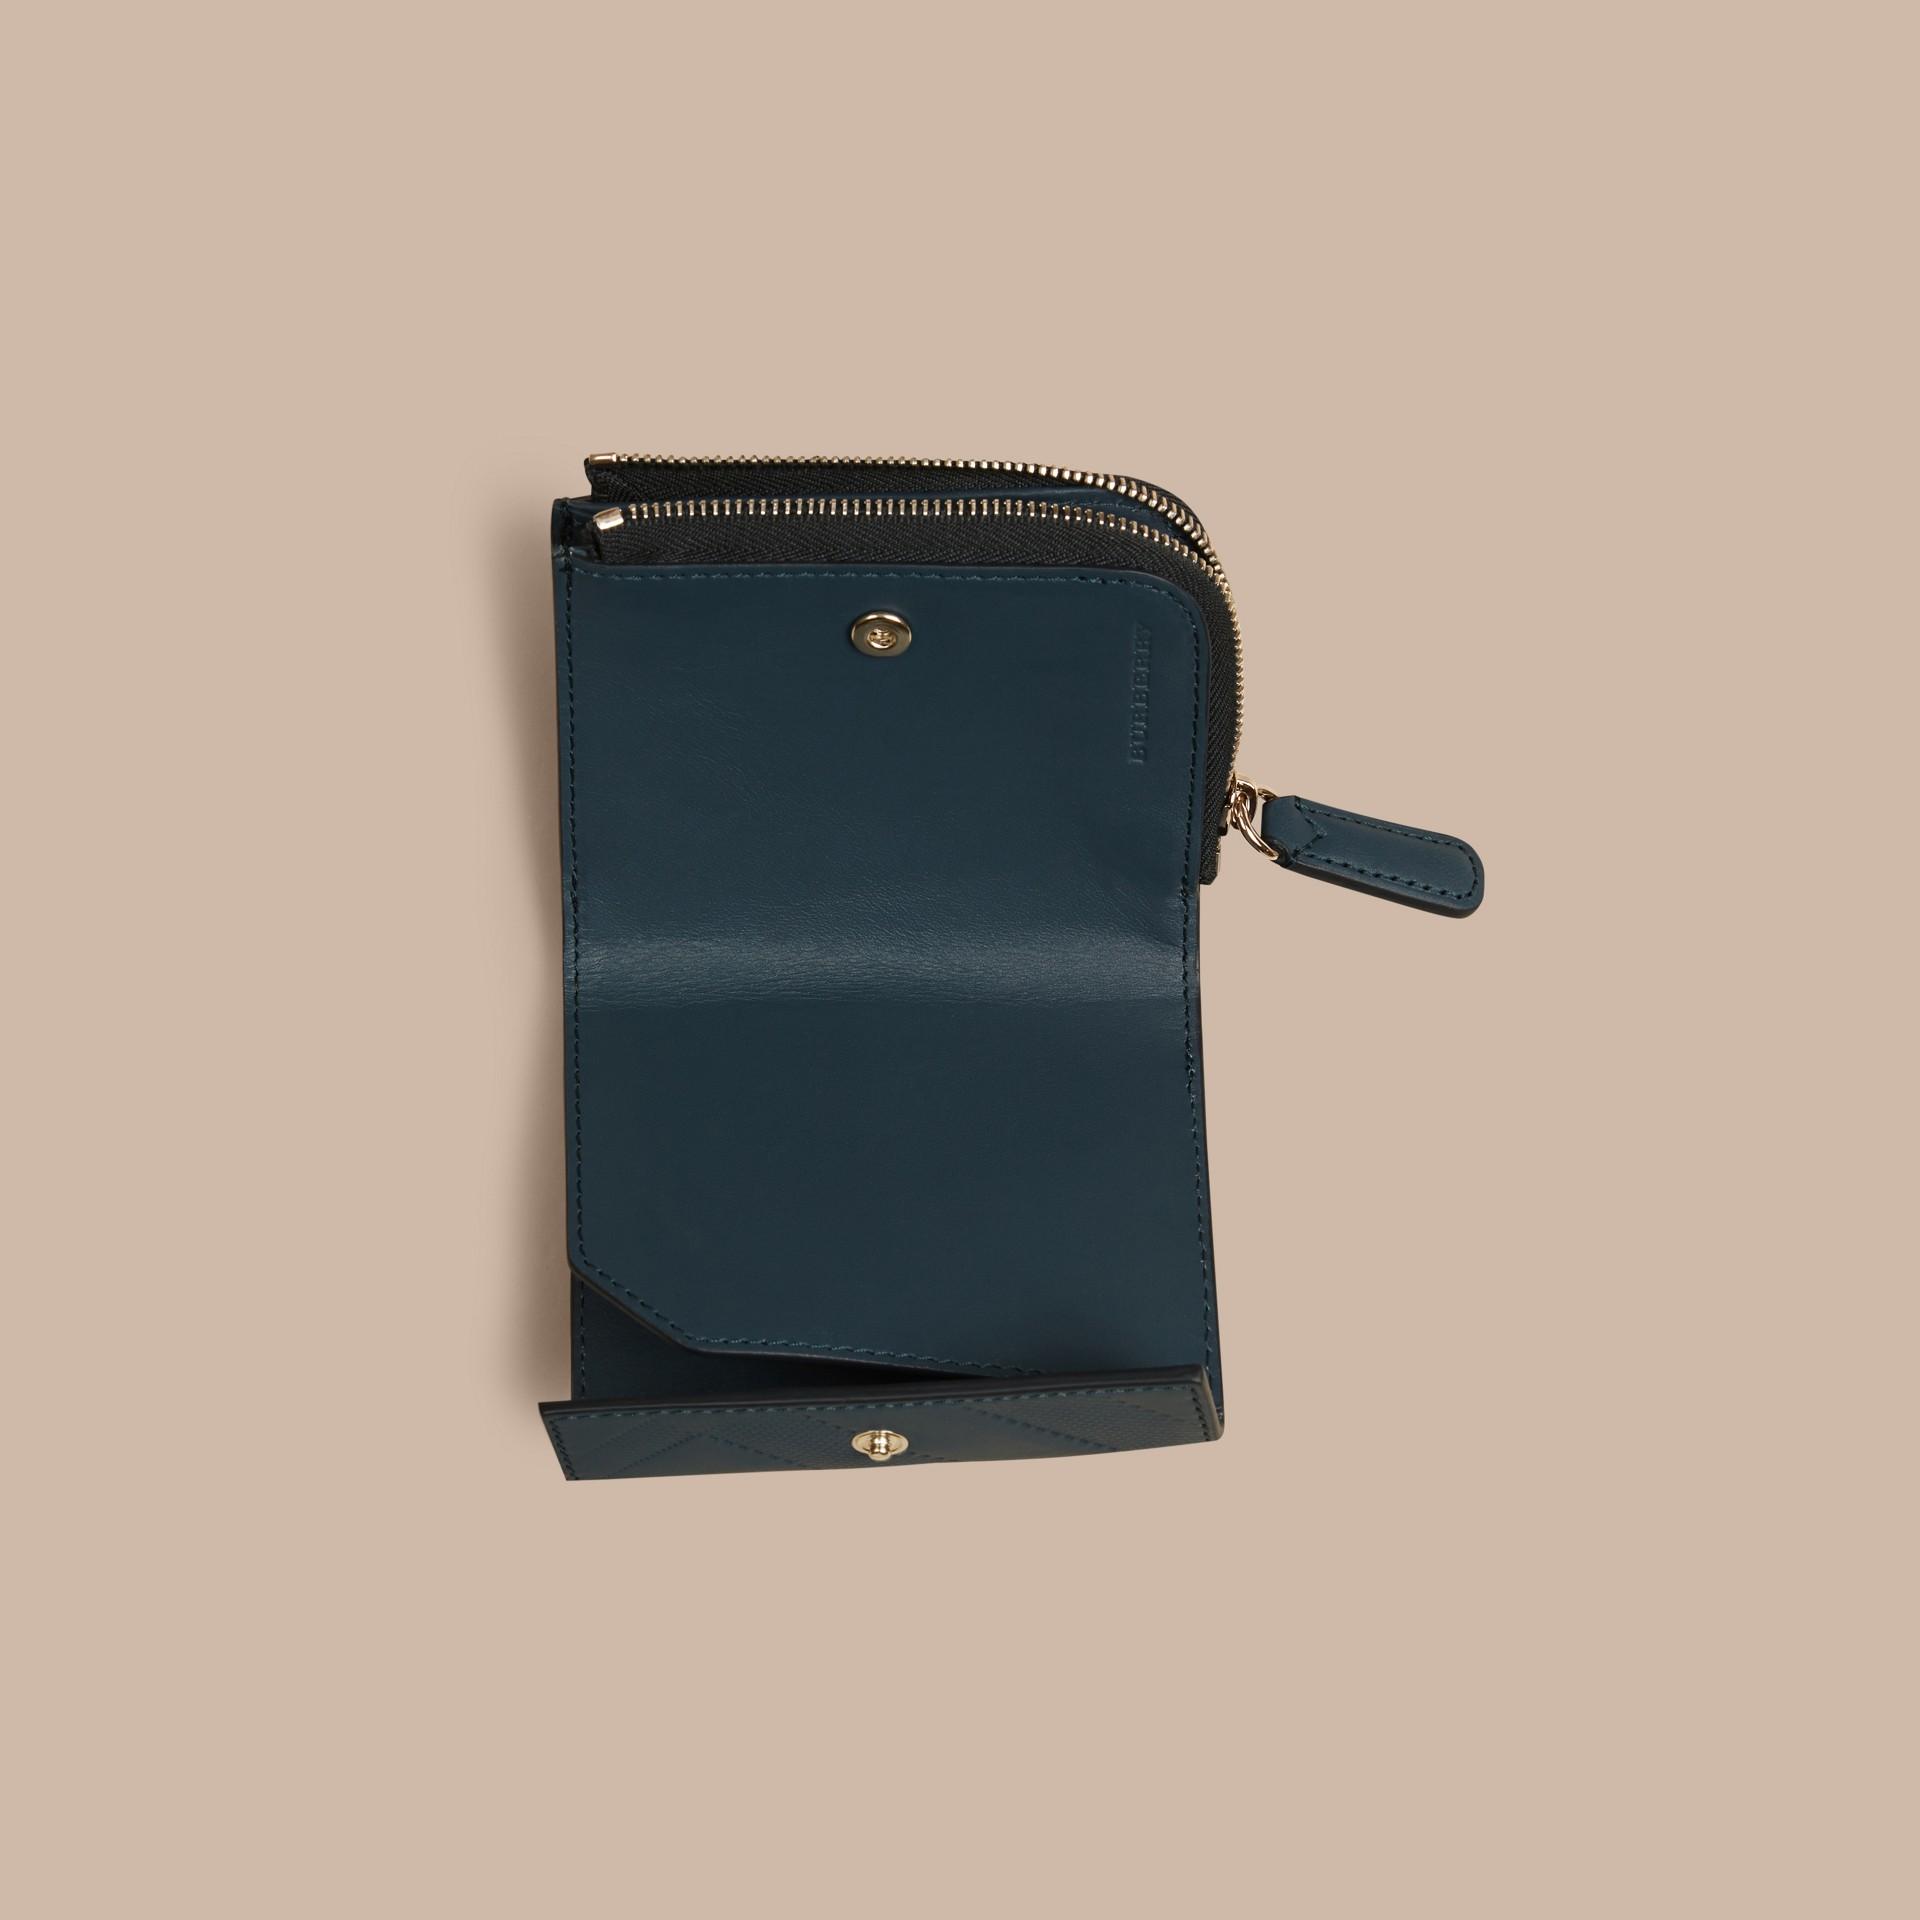 Blu acciaio Portafoglio a libro in pelle con motivo check in rilievo Blu Acciaio - immagine della galleria 5